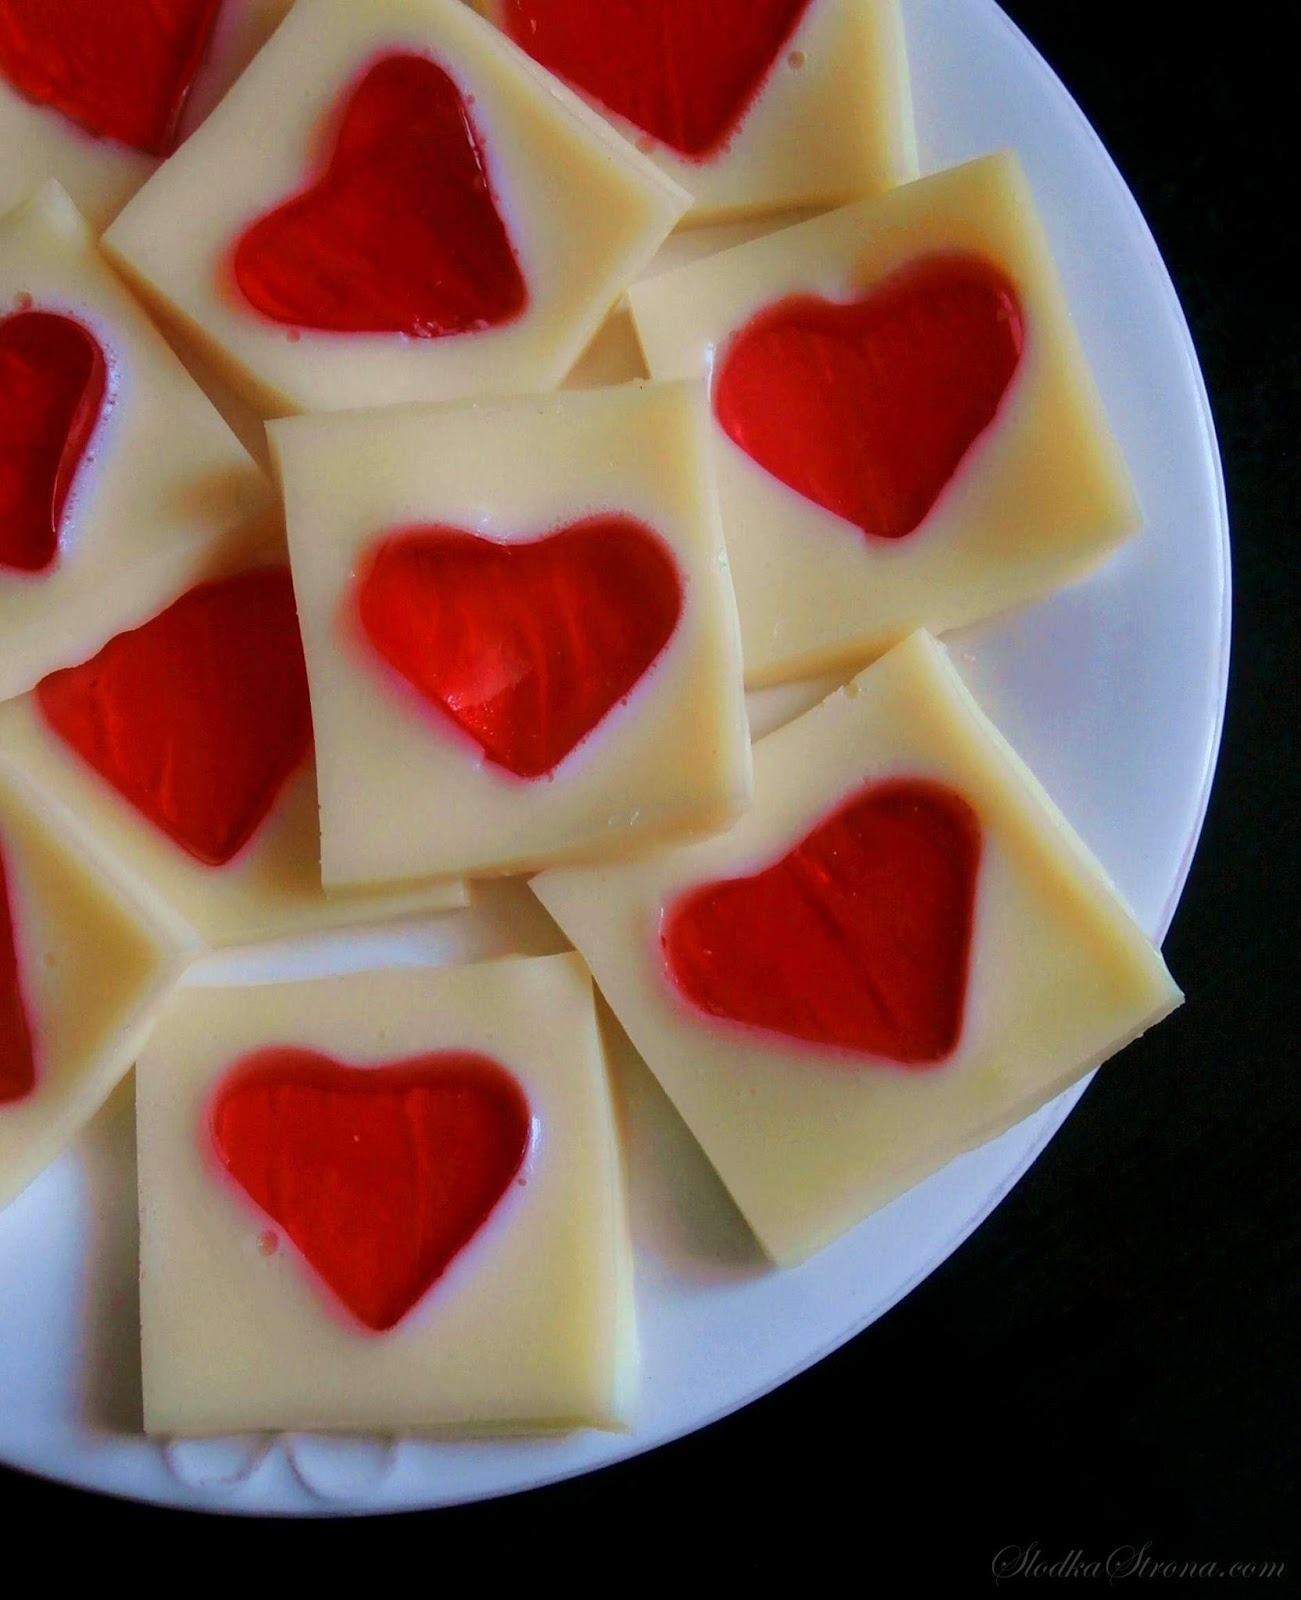 Walentynkowe Żelki - Serduszka (Galaretki z Mlekiem Skondensowanym) - Przepis - Słodka Strona